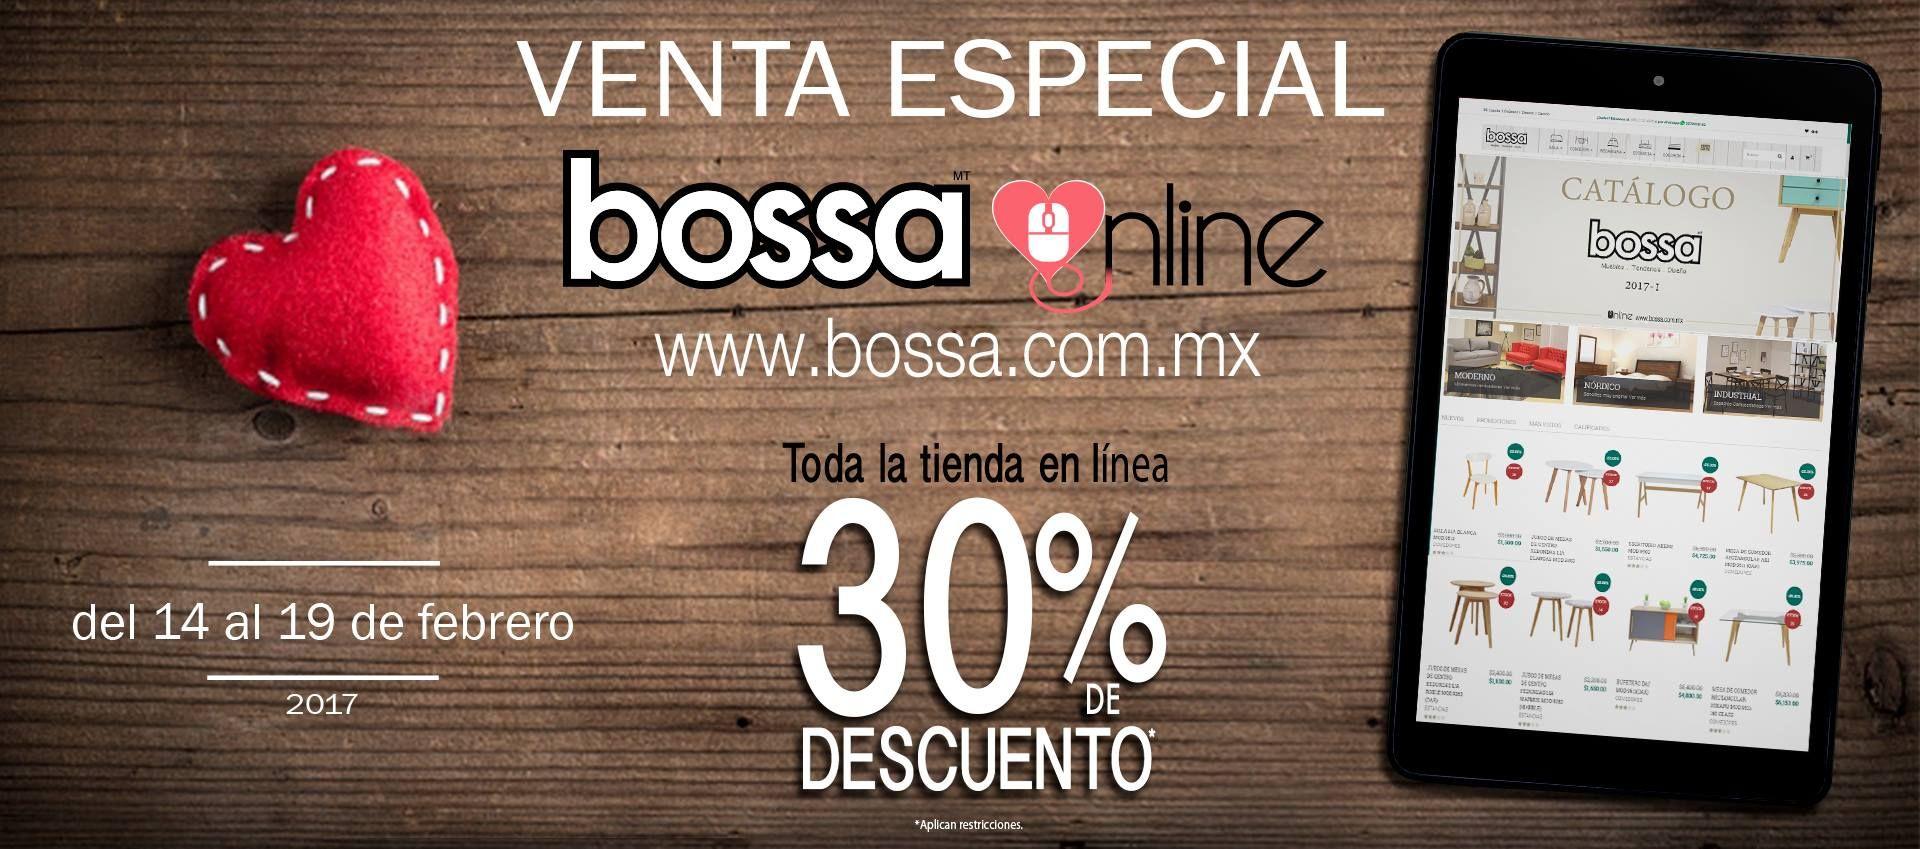 Nos gusta consentirte, por eso, en este #DiaDelAmorYAmistad Bossa Muebles cuenta con 30% de descuento en toda la tienda en línea, desde el martes 14 hasta el 19 de febrero de 2017 y te desea #FelizSanValentín.*Aplican Restricciones.